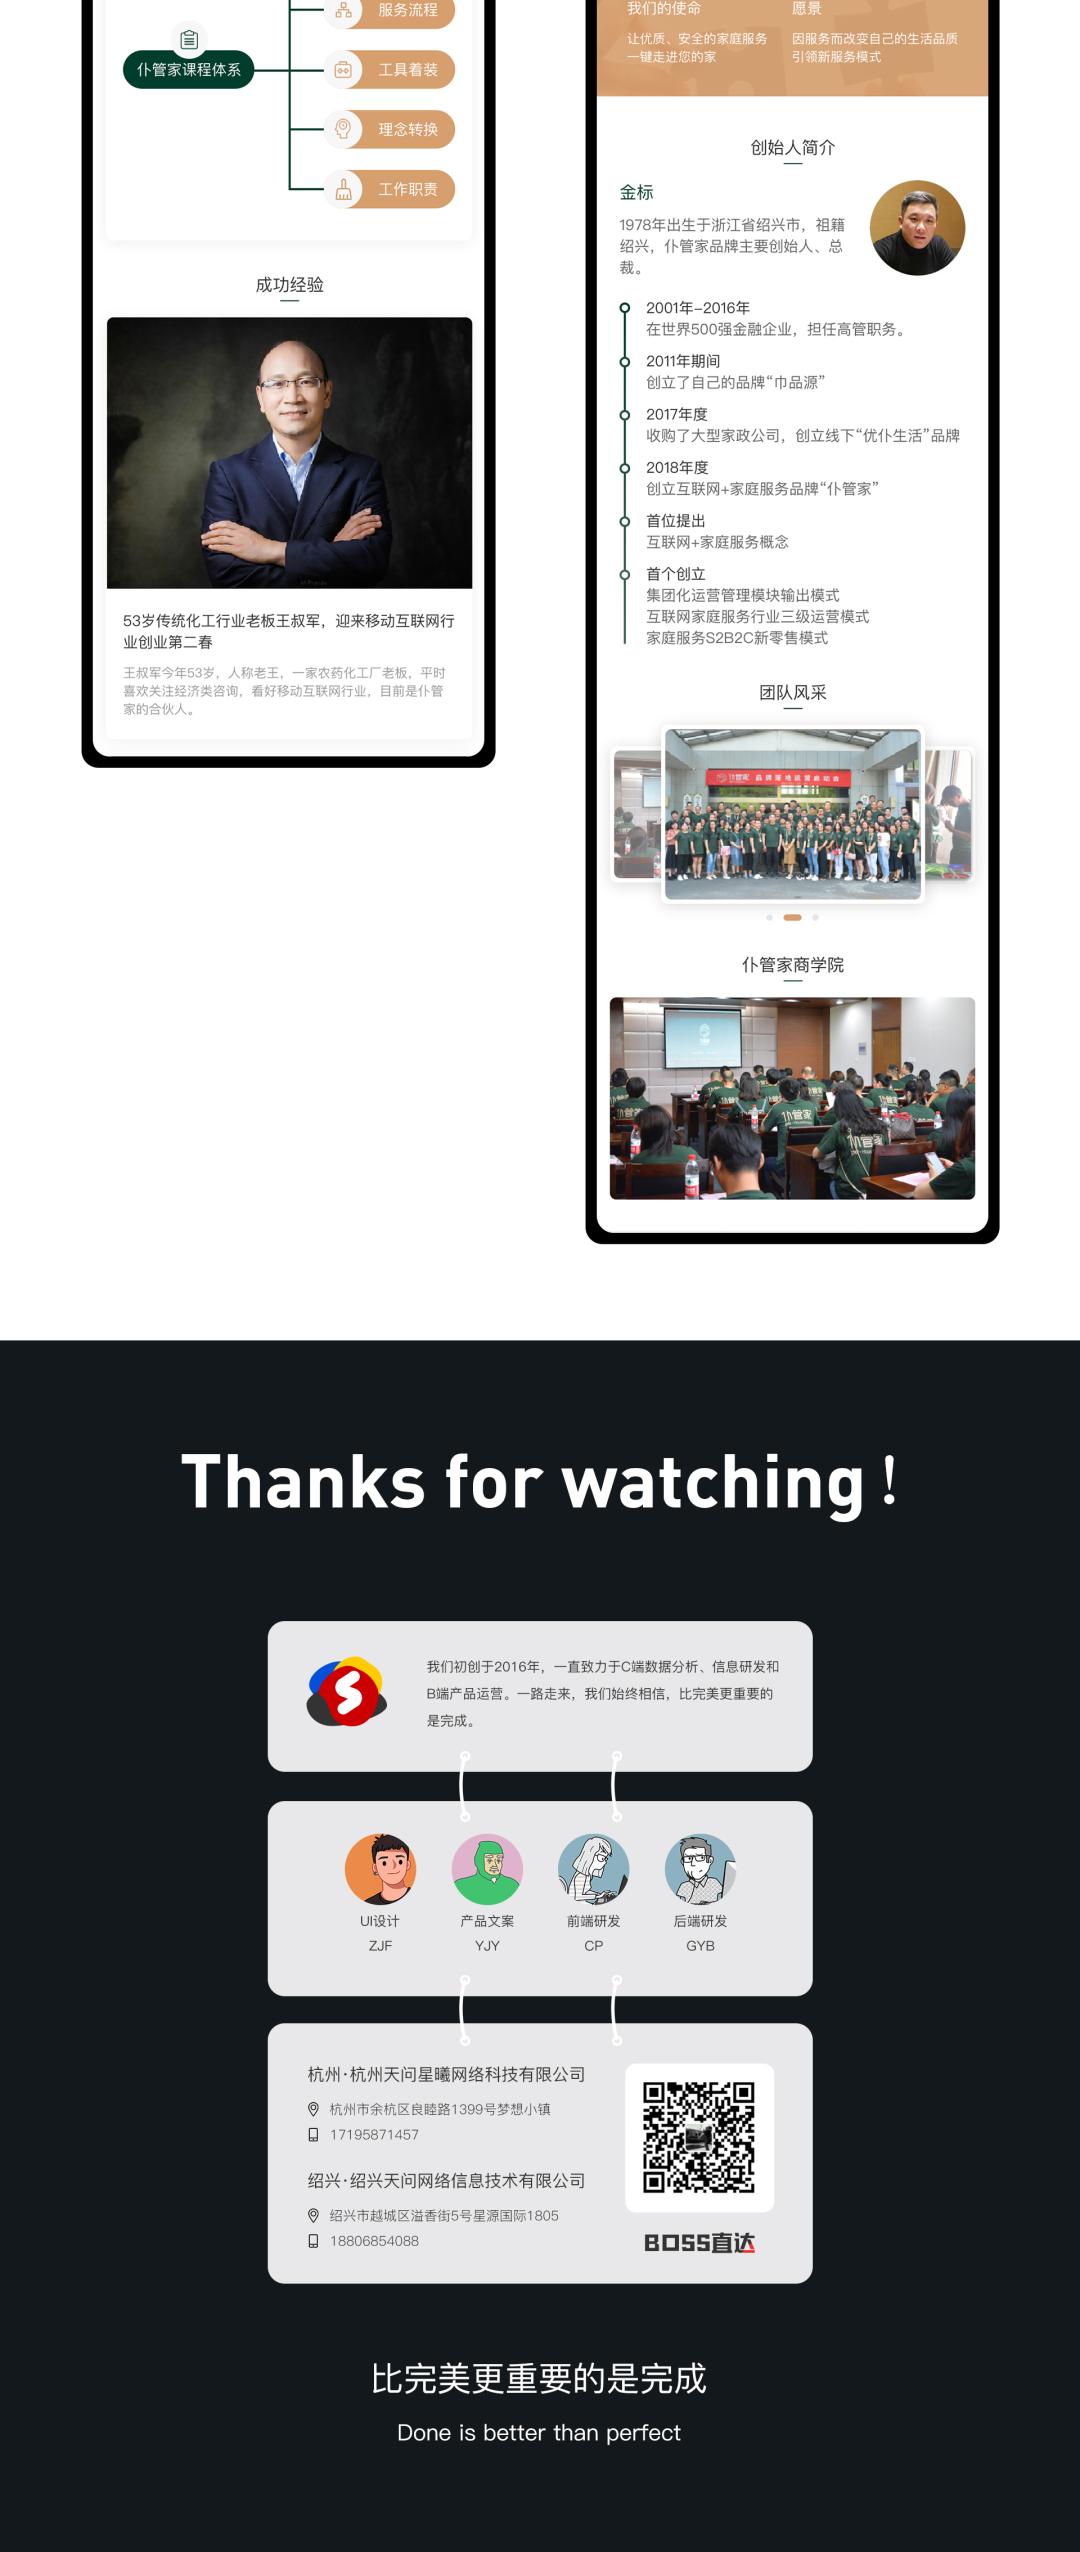 产品案例 | 在线家政服务平台-天问信息博客平台